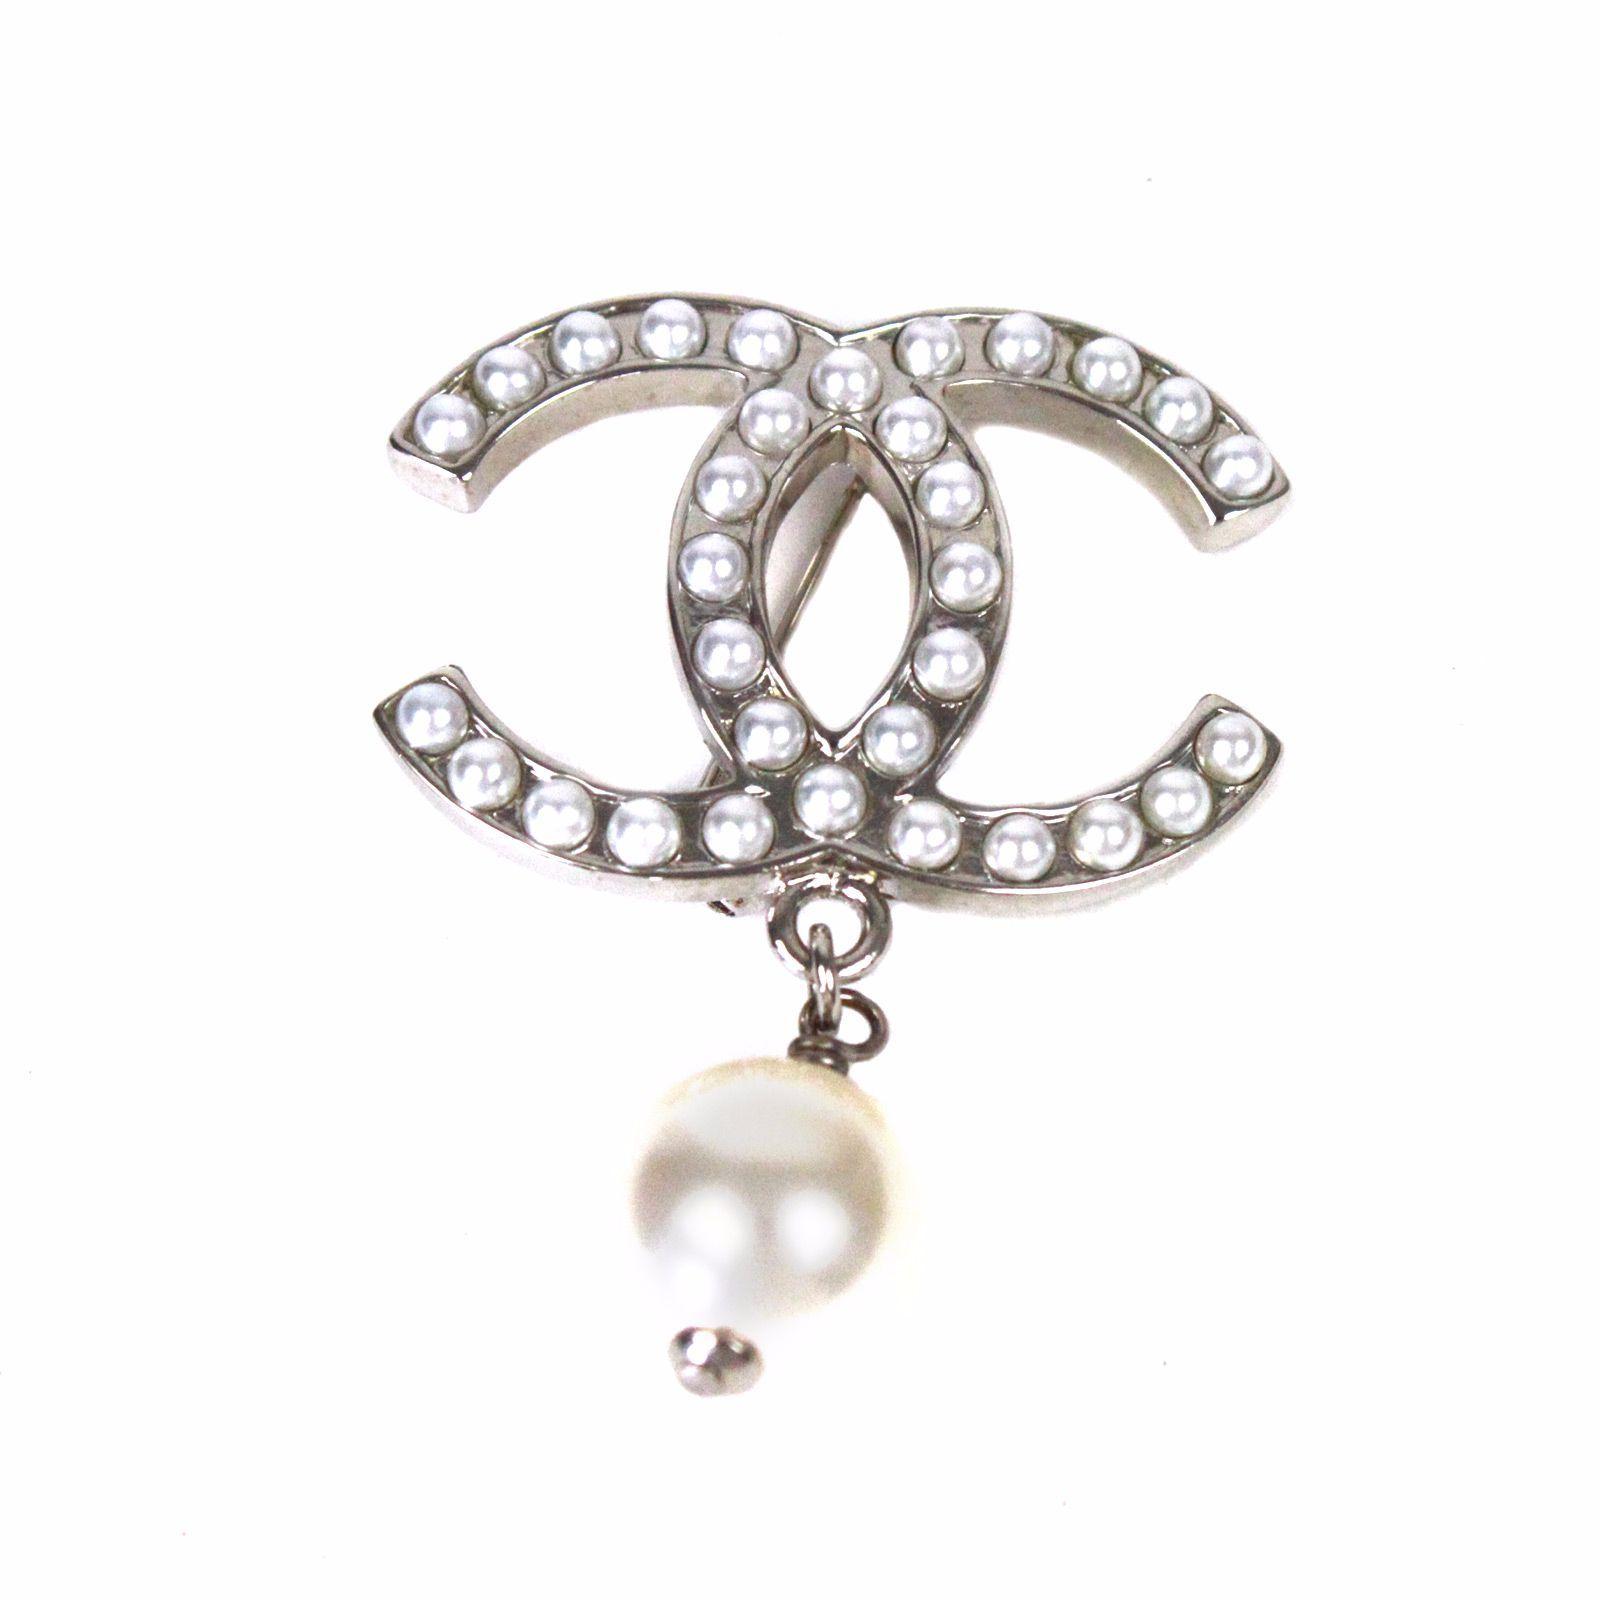 Broches Chanel - Métal argent - Logo Chanel incrusté de perles blanches -  Perles Blanches pendantes sous le logo double C - Dimensions   double C  largeur 4 ... d6a5ee33d19